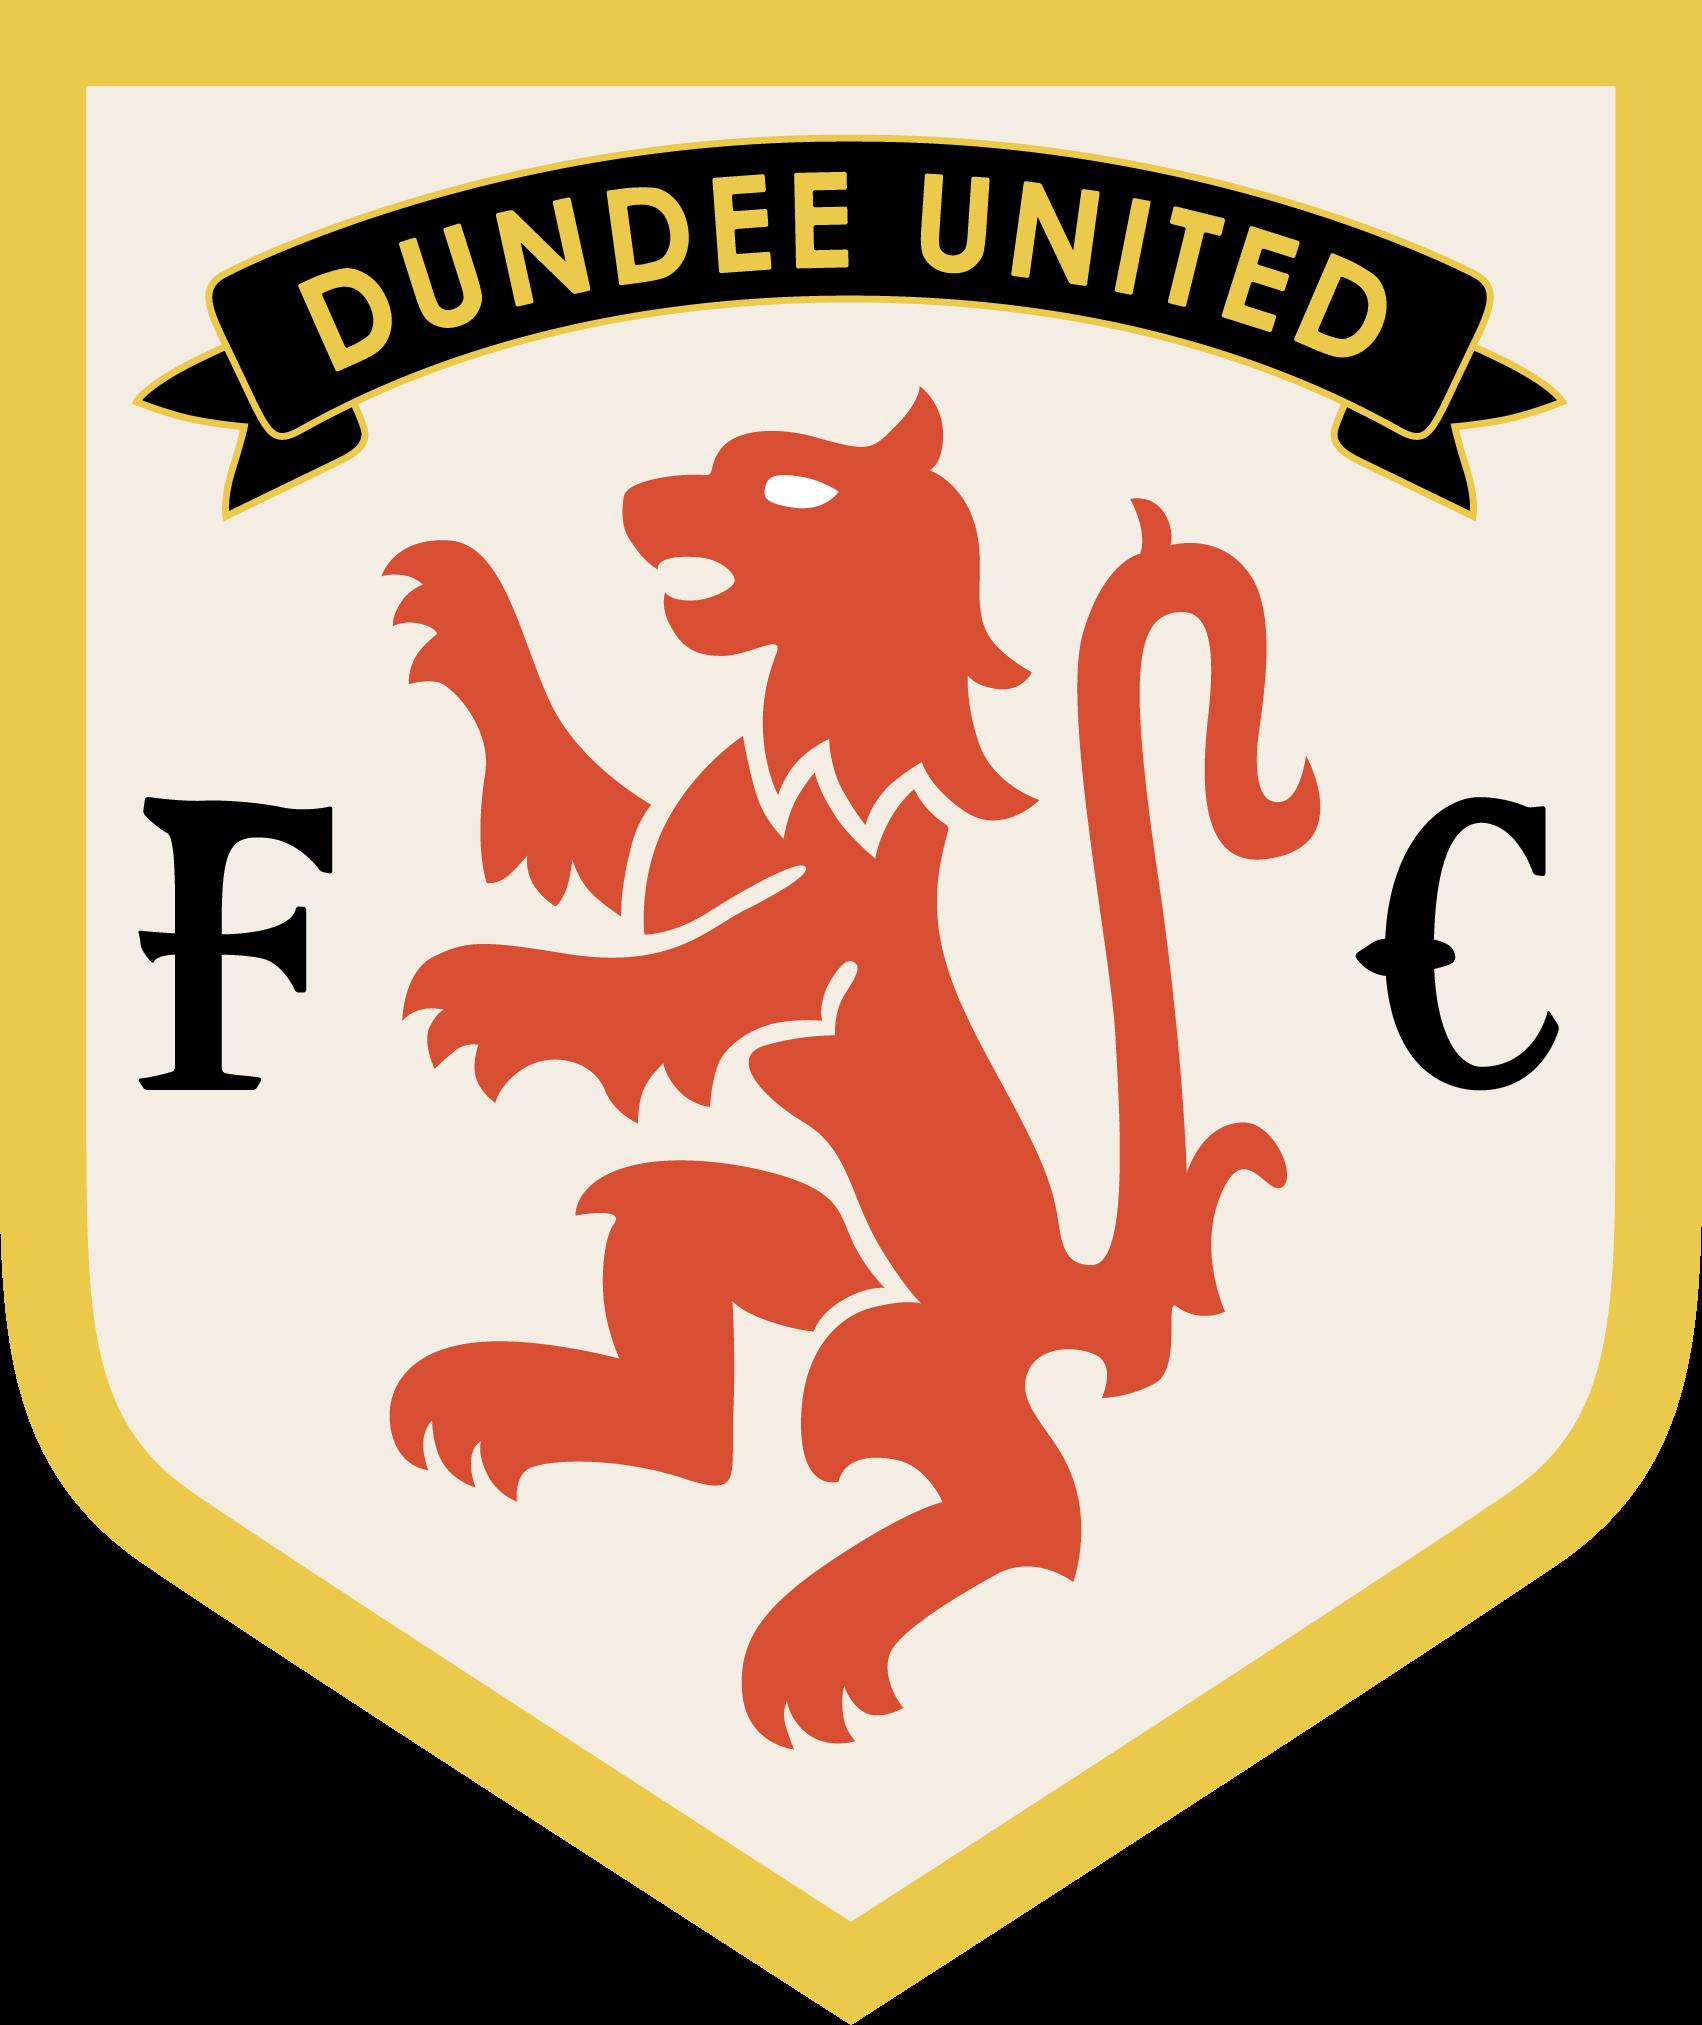 Dundee United Dundee united